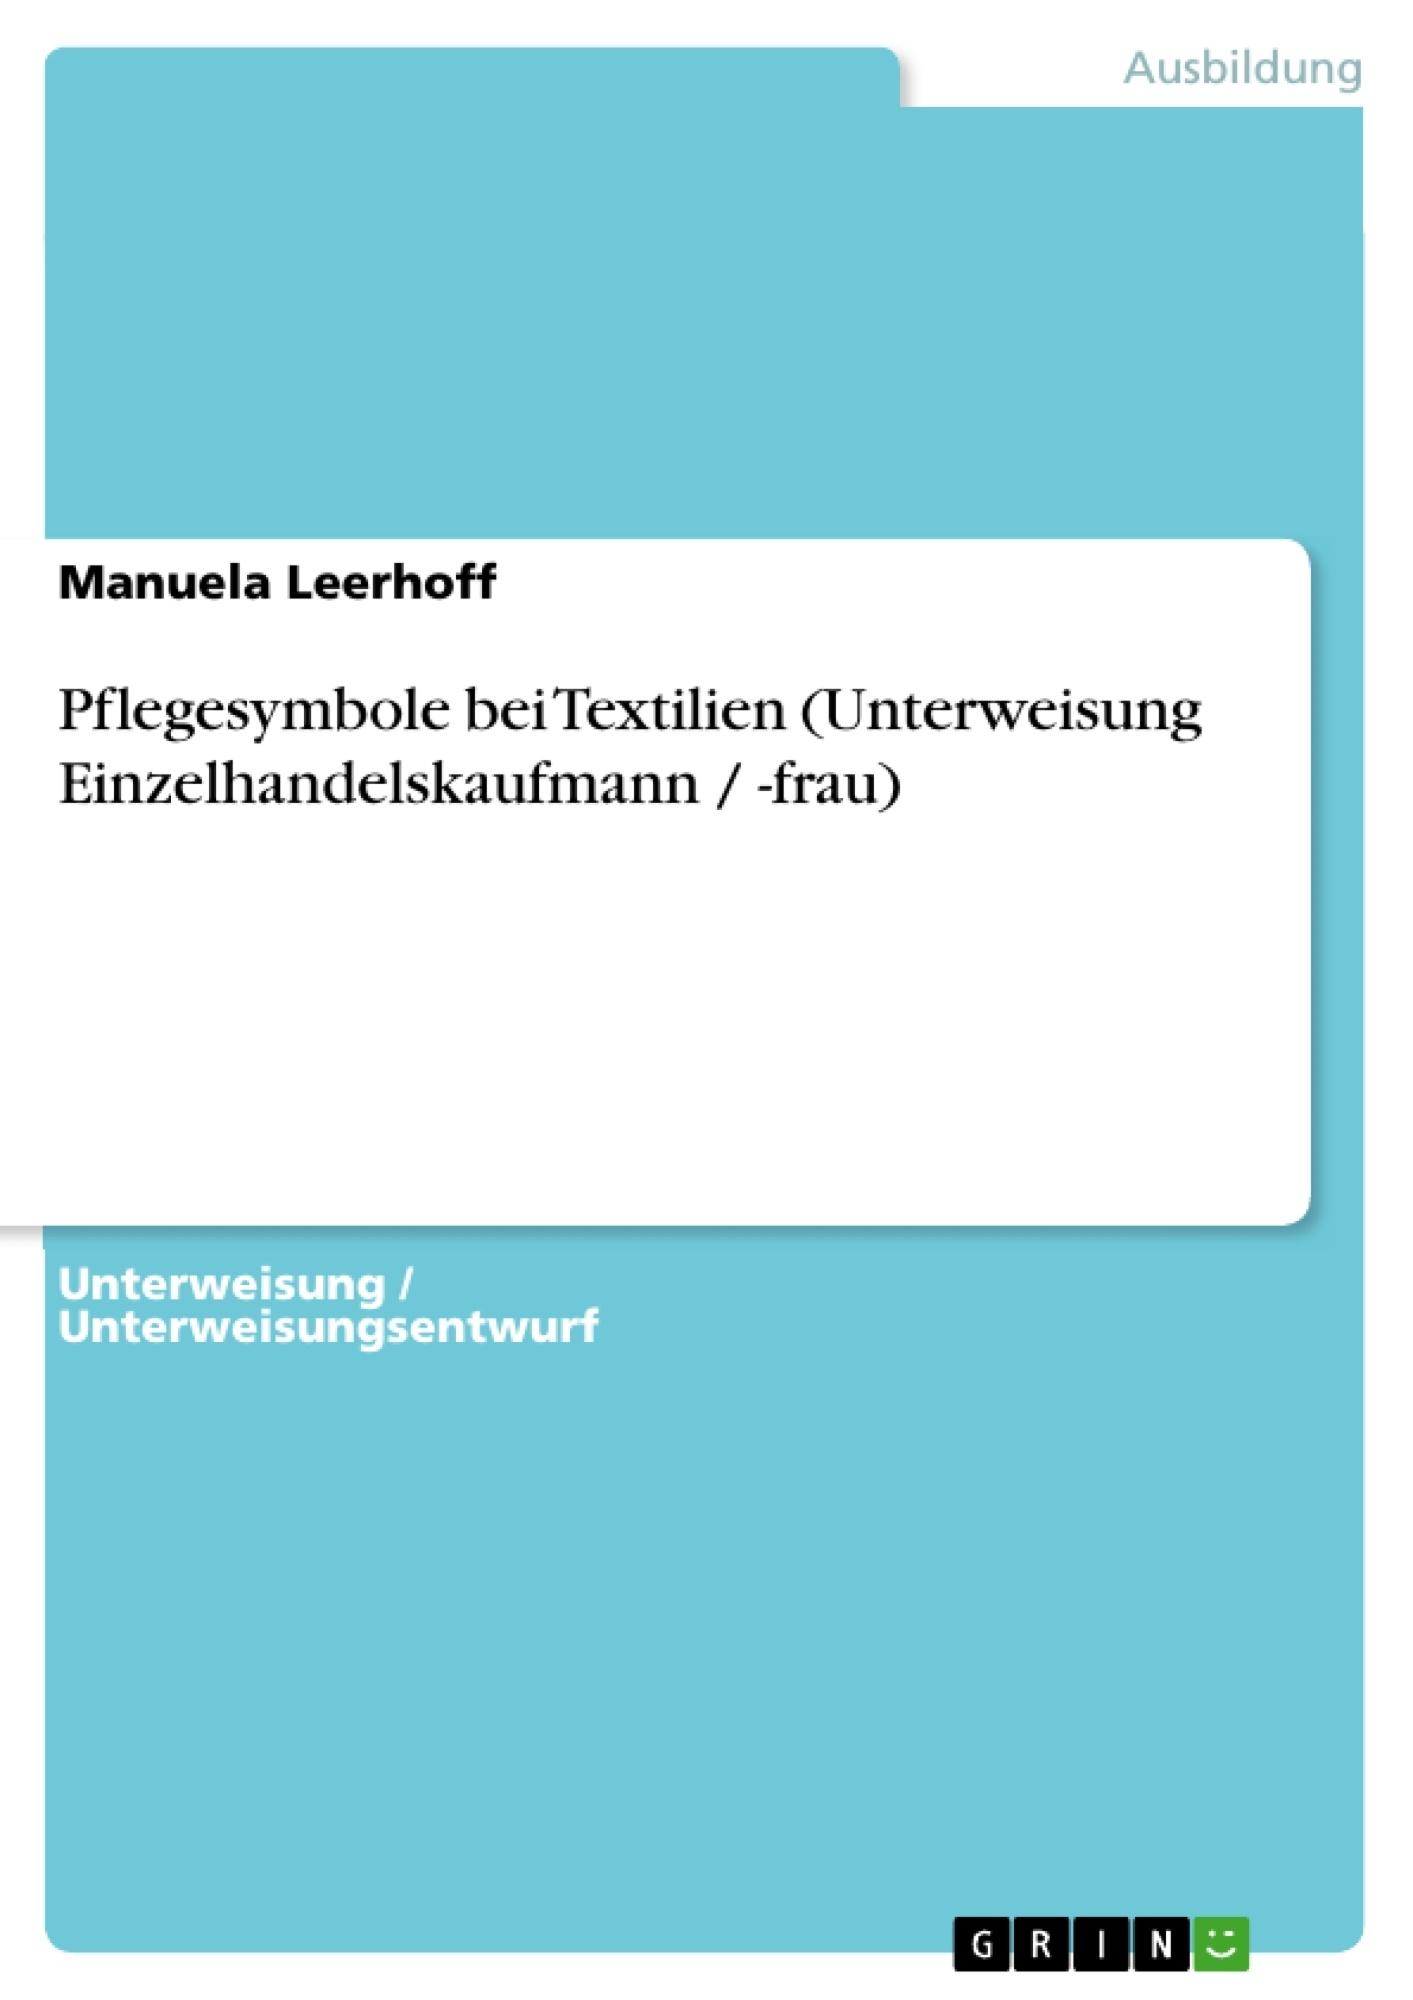 Titel: Pflegesymbole bei Textilien (Unterweisung Einzelhandelskaufmann / -frau)